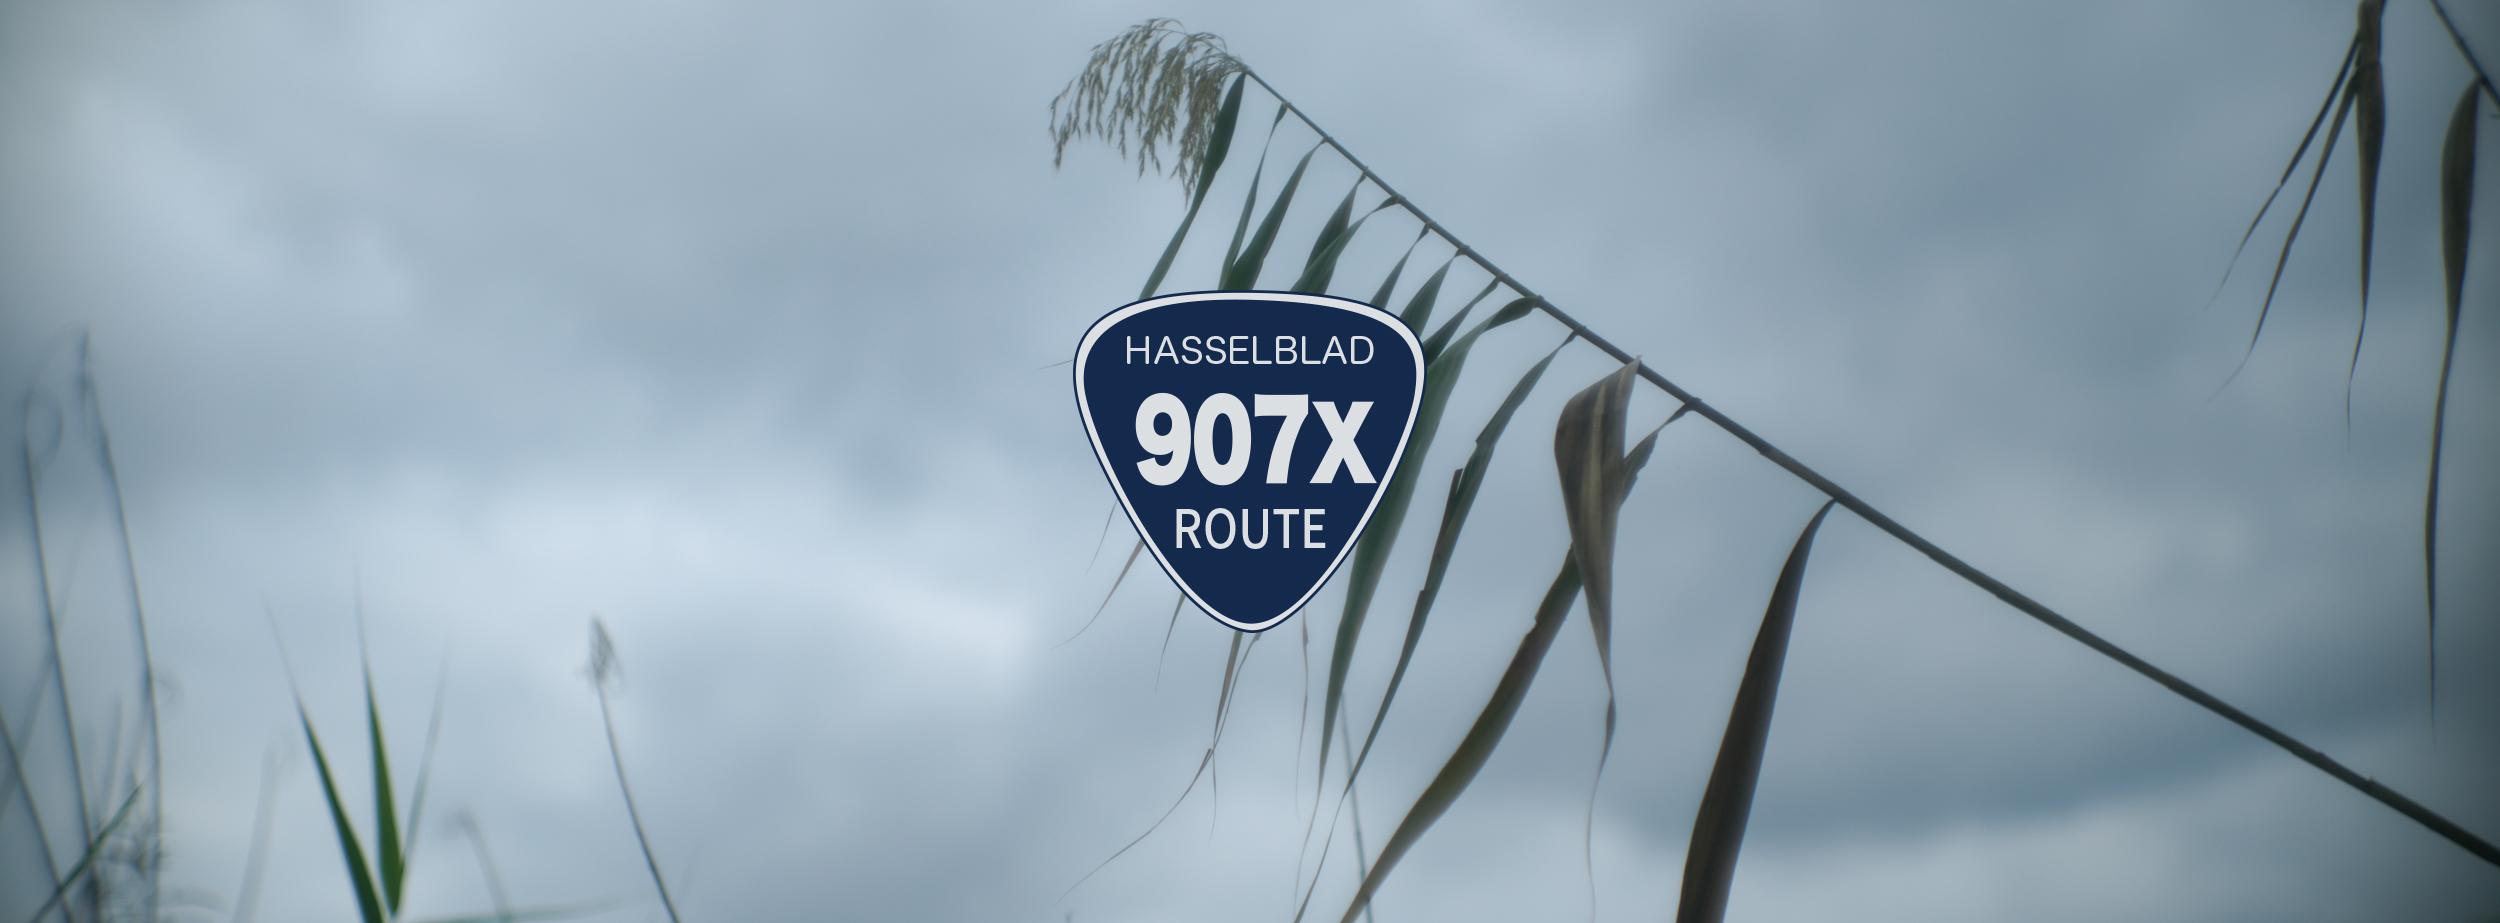 【HASSELBLAD】907の通り道